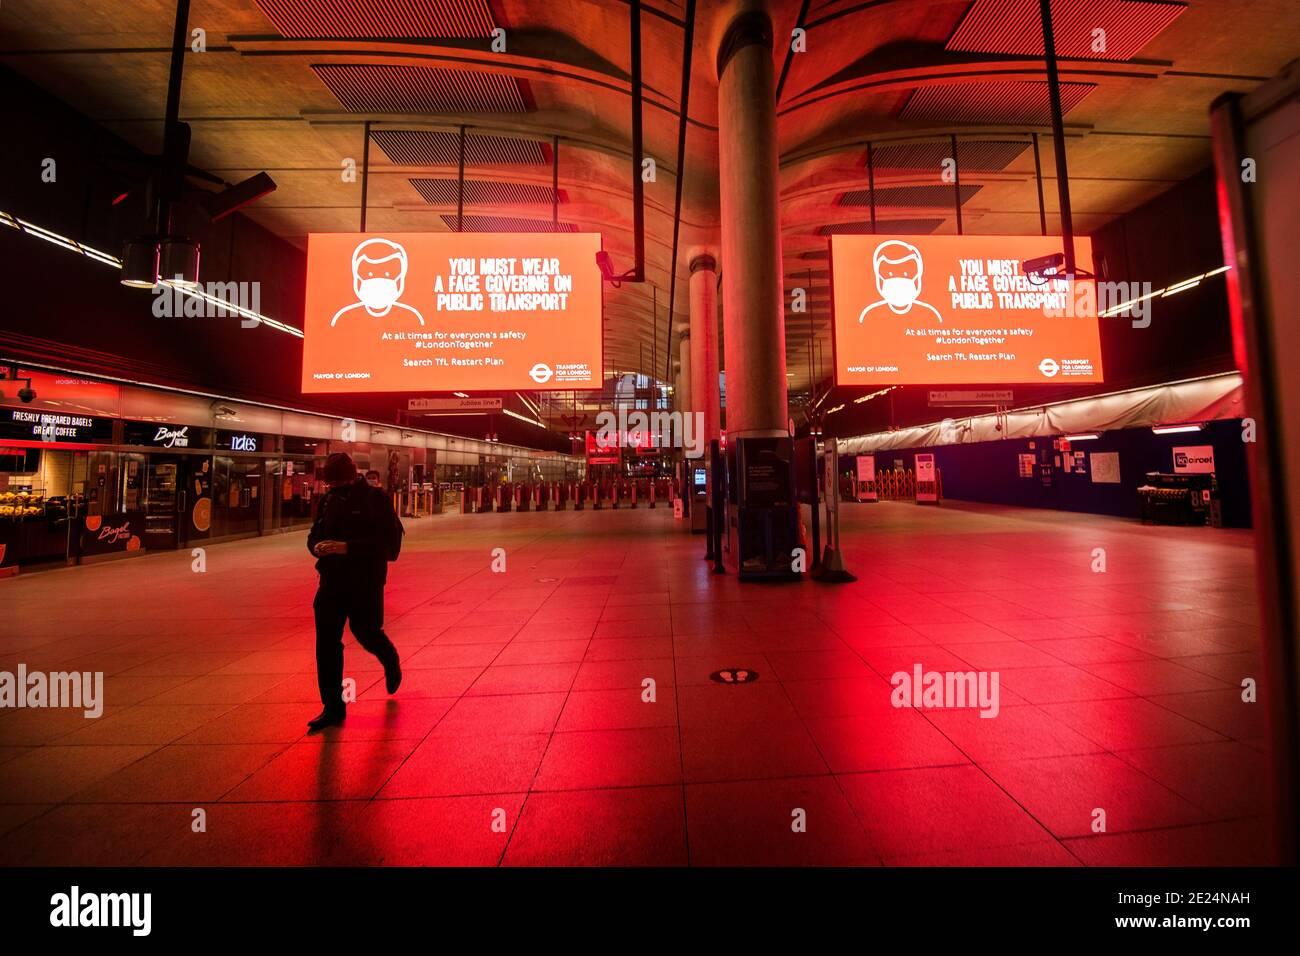 Une personne solitaire dans le hall de la station de métro de Canary Wharf pendant l'heure de pointe du matin à Londres, alors que le troisième confinement national de l'Angleterre pour freiner la propagation du coronavirus se poursuit. Banque D'Images